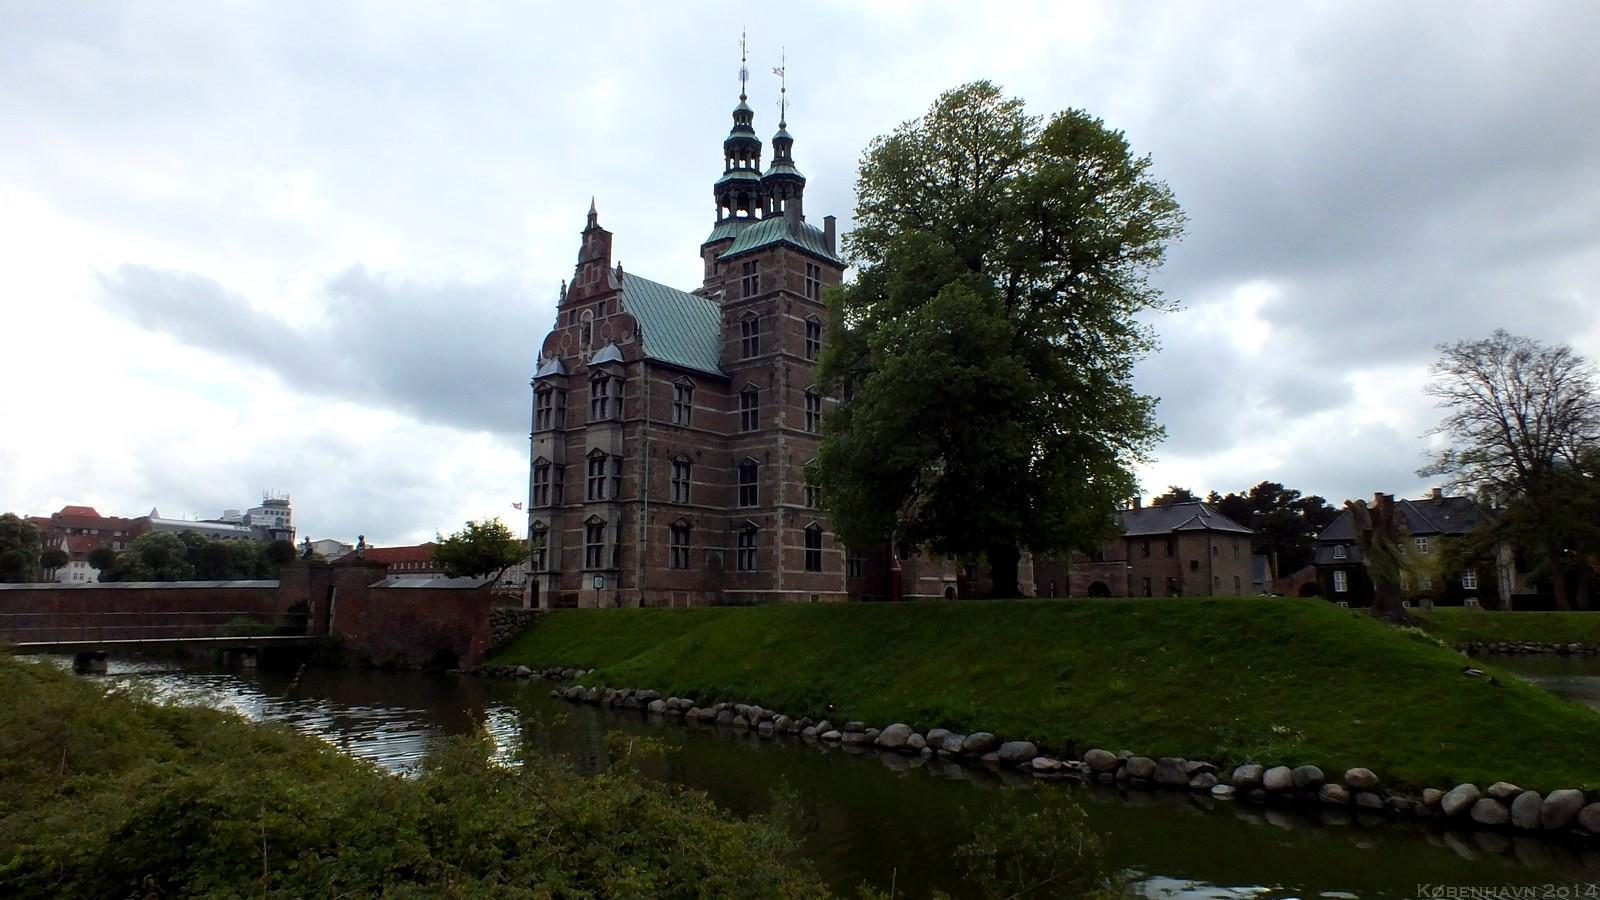 Rosenborg Palace Garden, København, Denmark